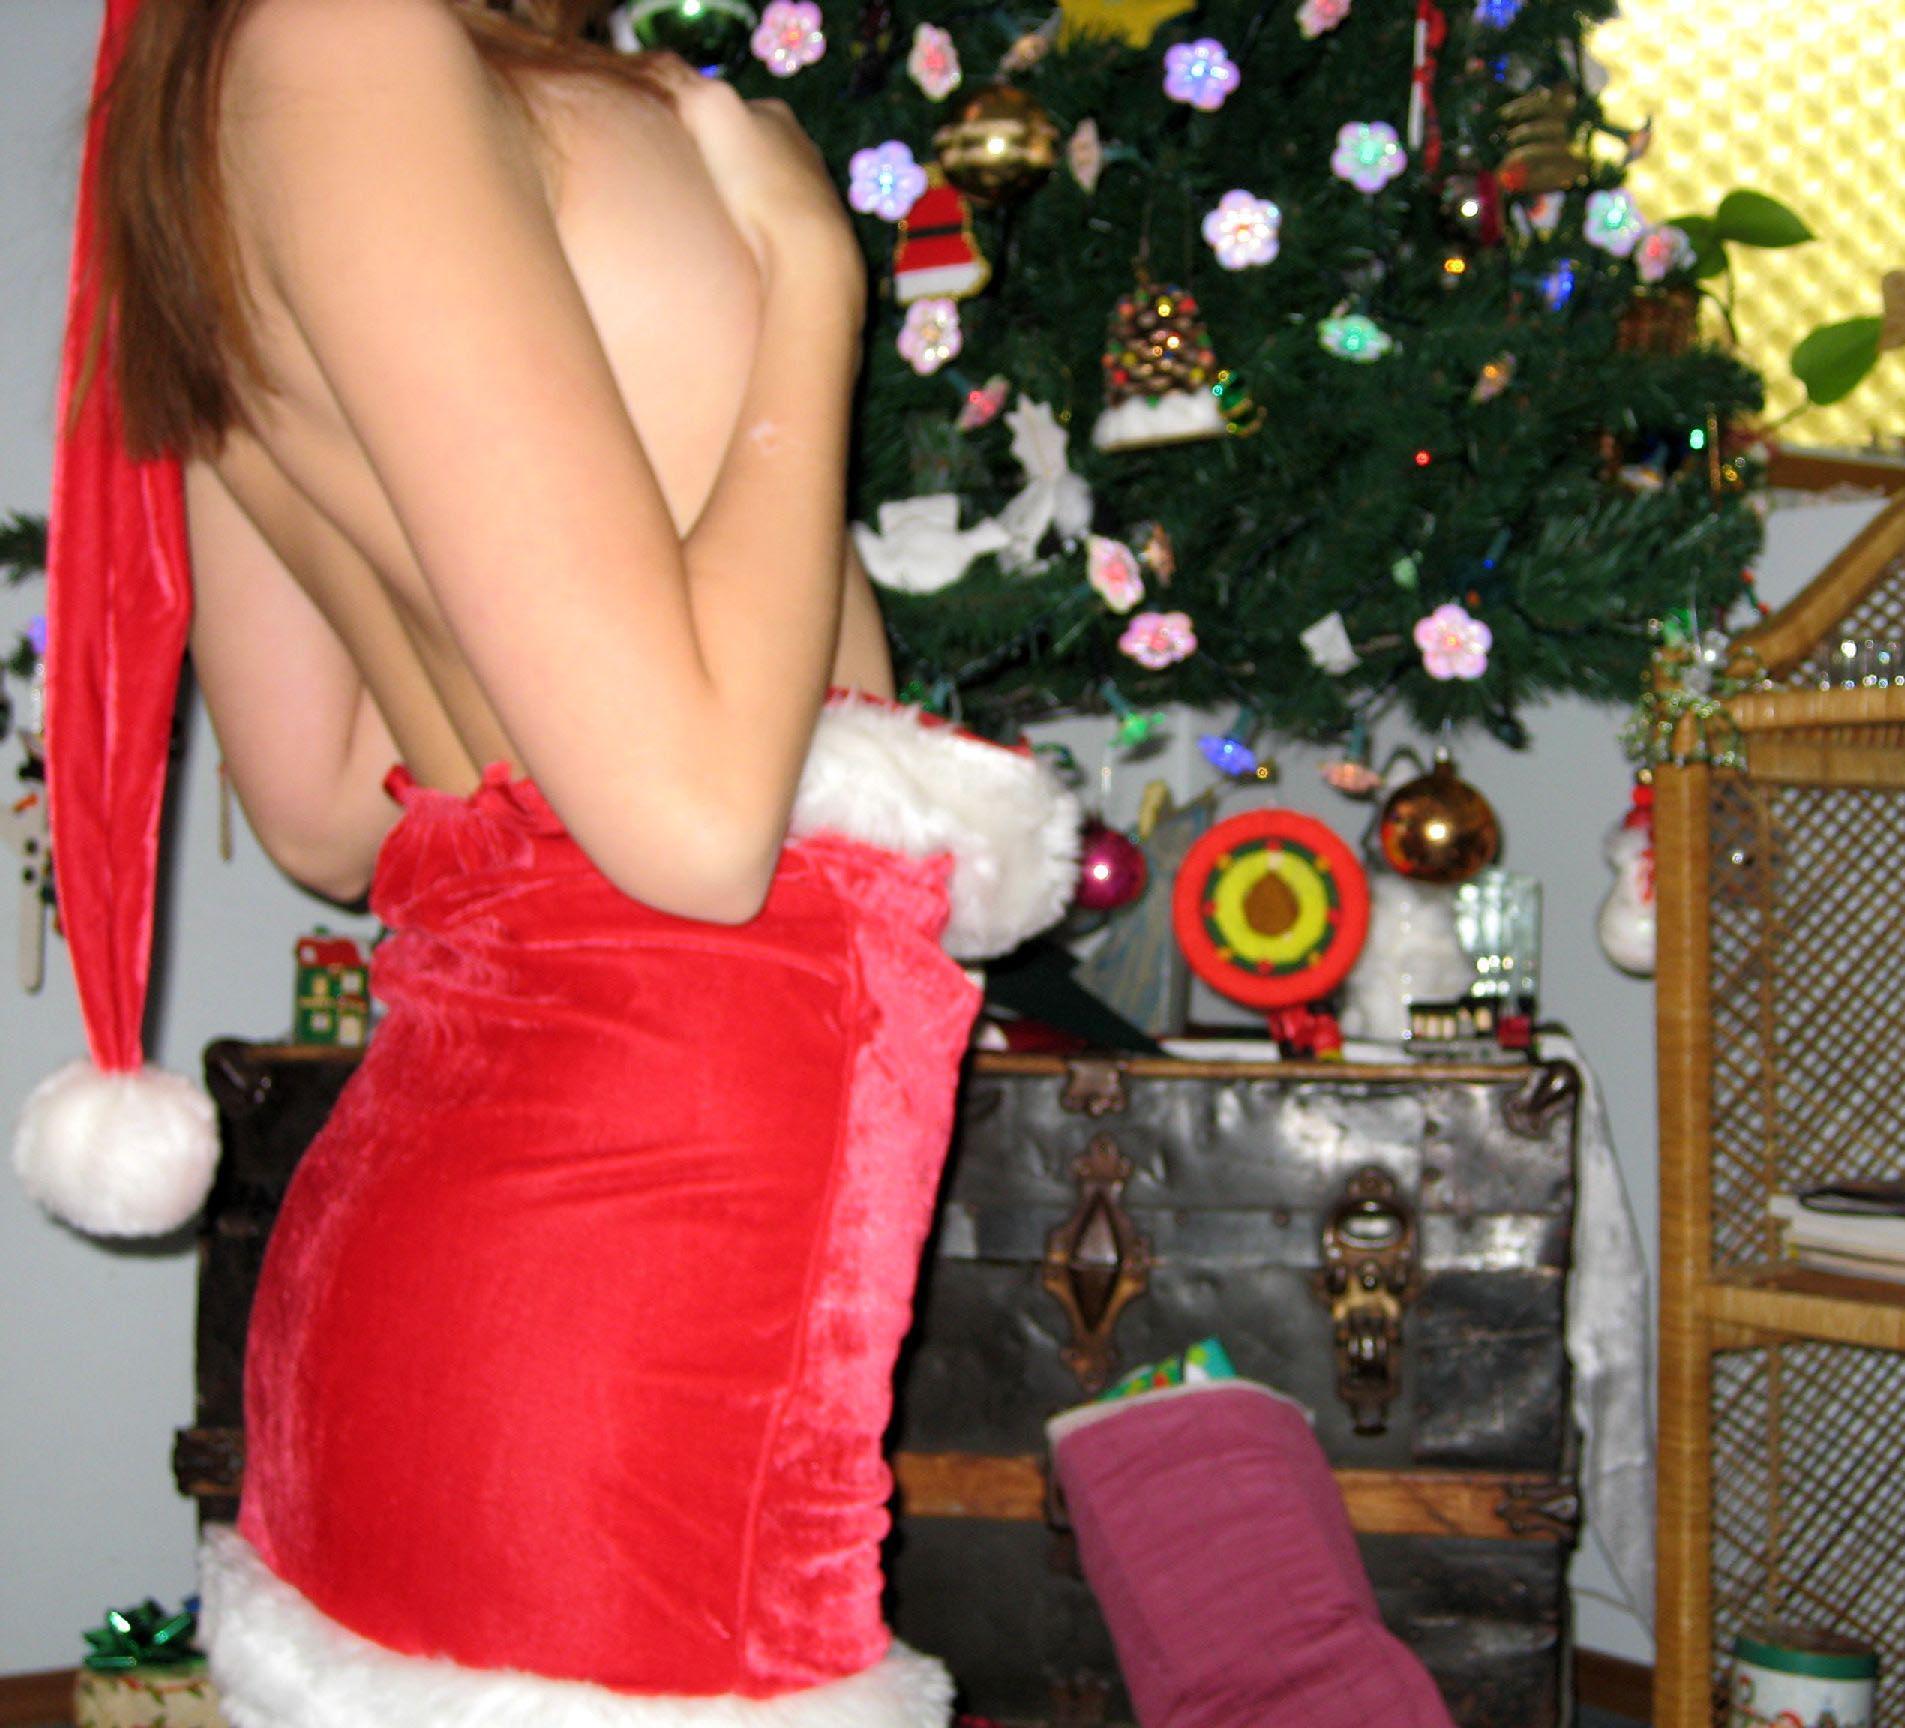 big-boobs-amateur-exgirlfriend-santa-xmas-nude-06